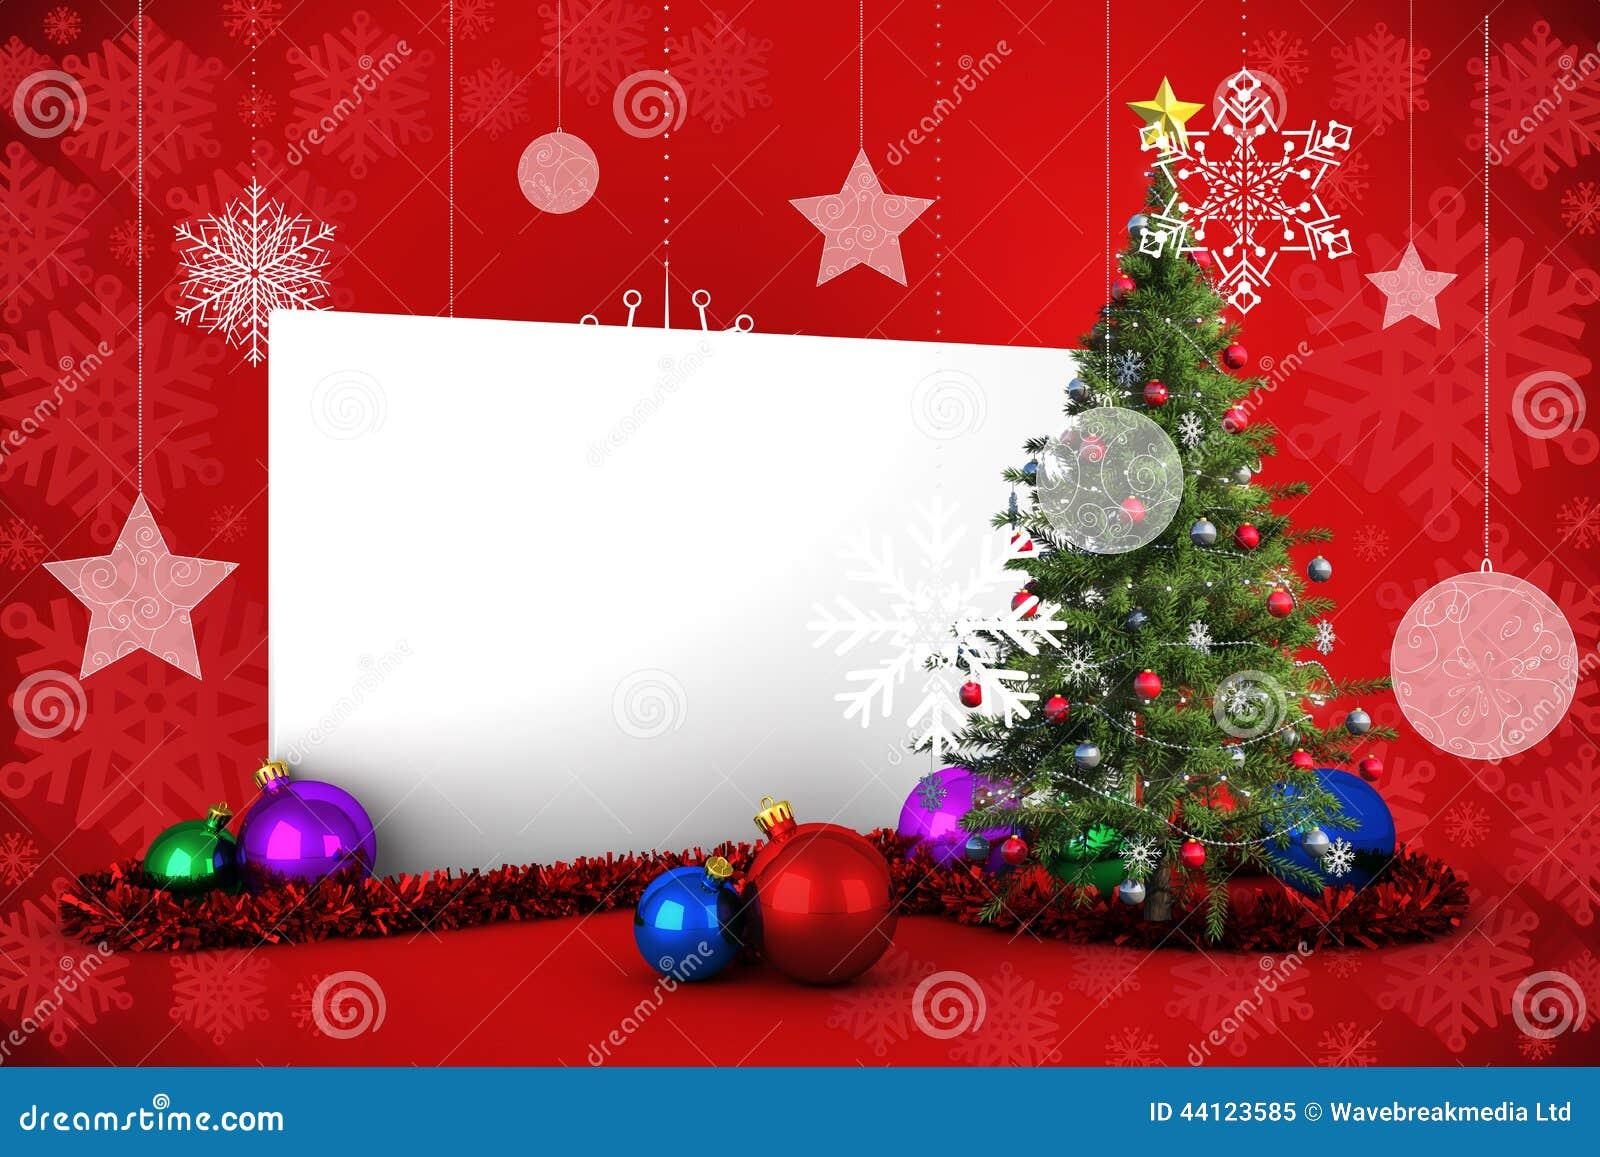 affiche de noel Image Composée D'affiche Avec L'arbre De Noël Illustration Stock  affiche de noel